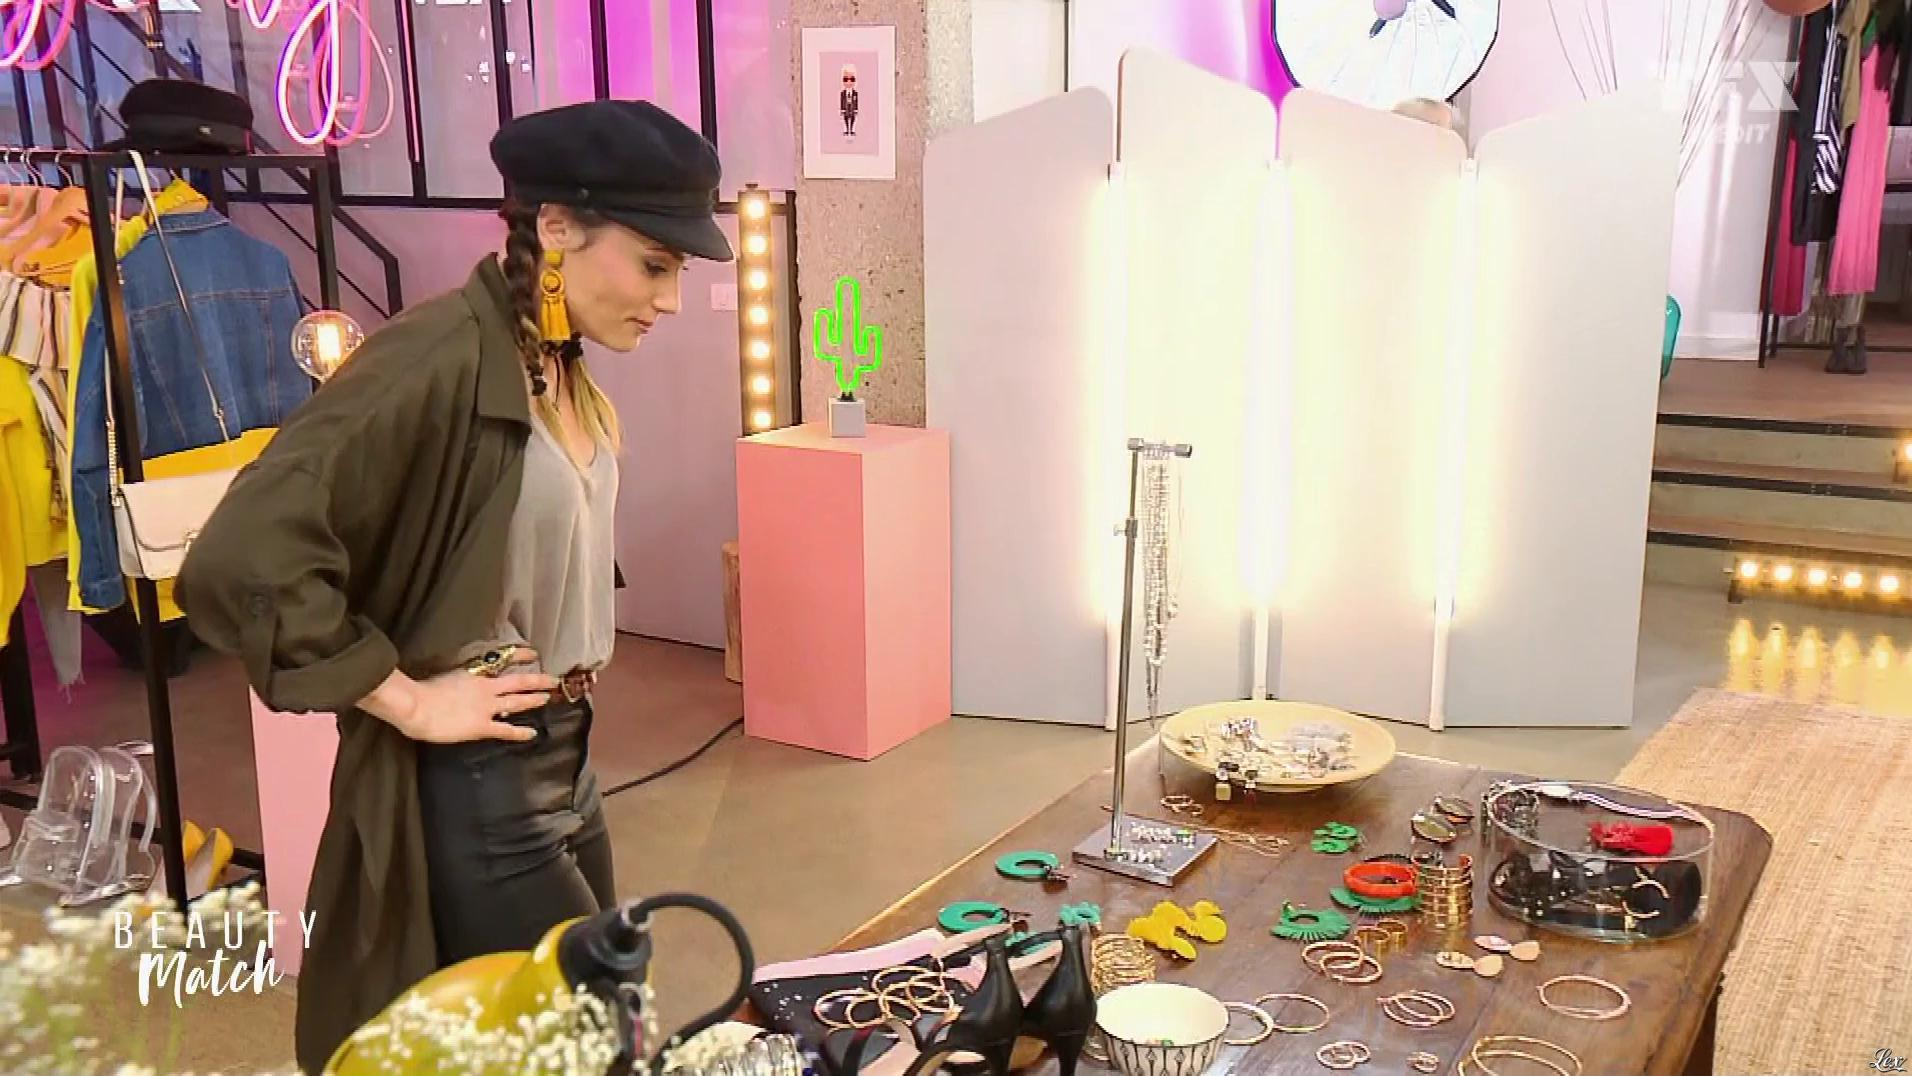 Capucine Anav dans Beauty Match. Diffusé à la télévision le 22/08/18.